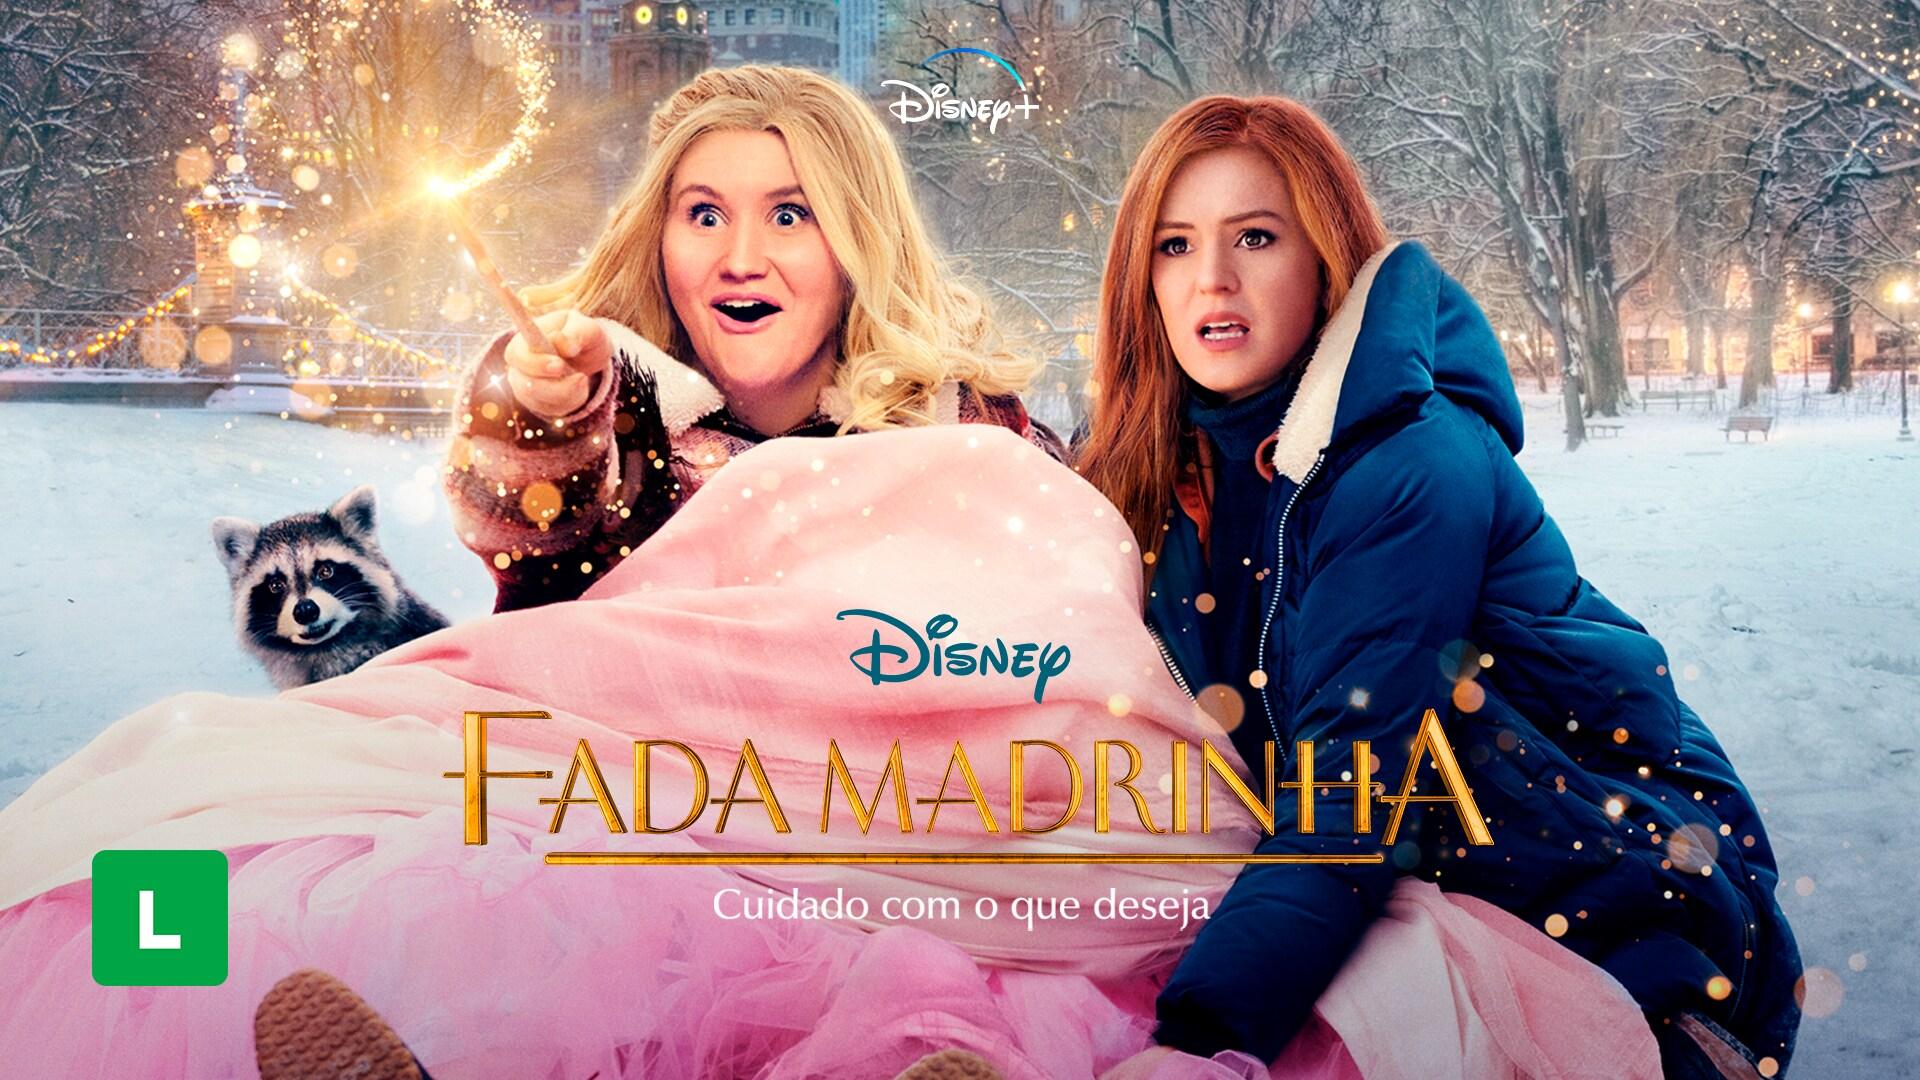 Fada Madrinha Trailer